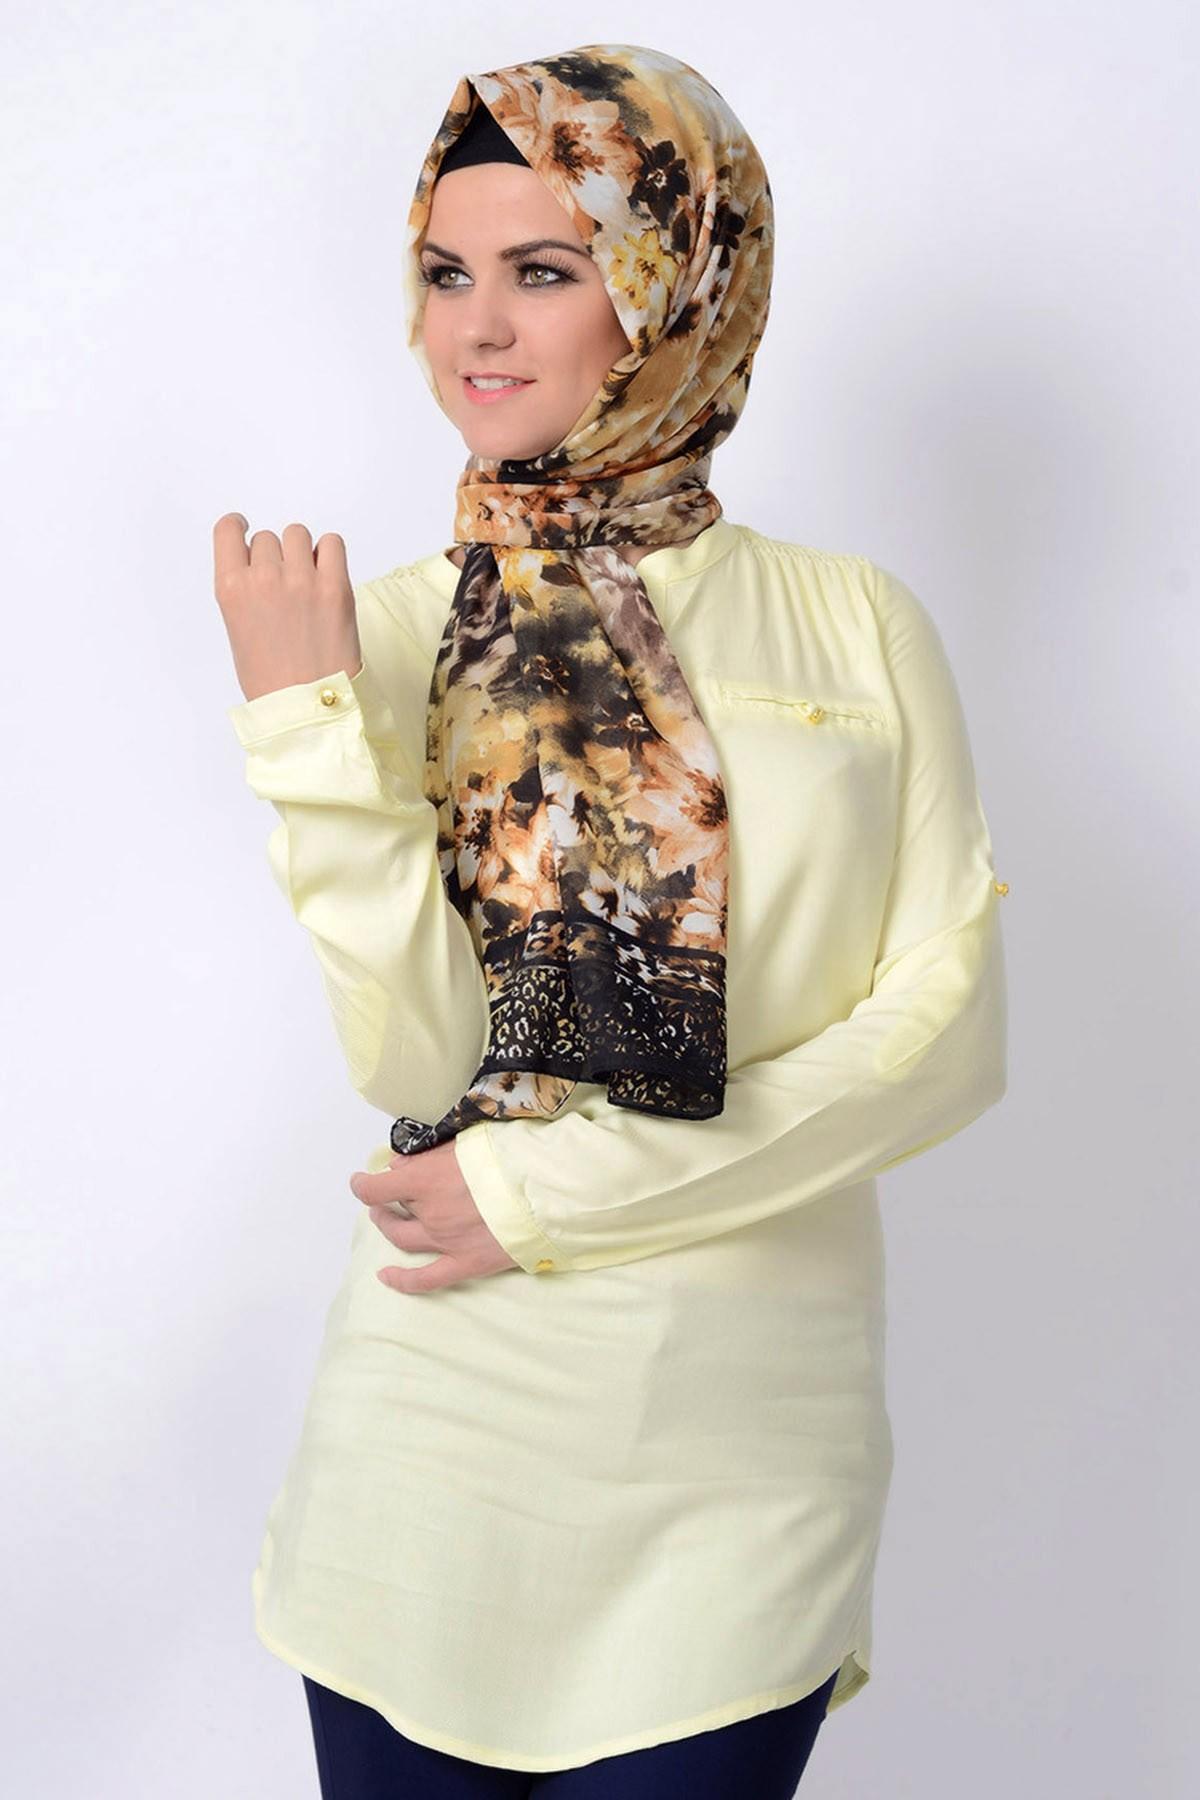 بالصور موديلات حجابات تركية صيفية , للجمال اسباب والحجاب الجميل احد اسبابه 170 4